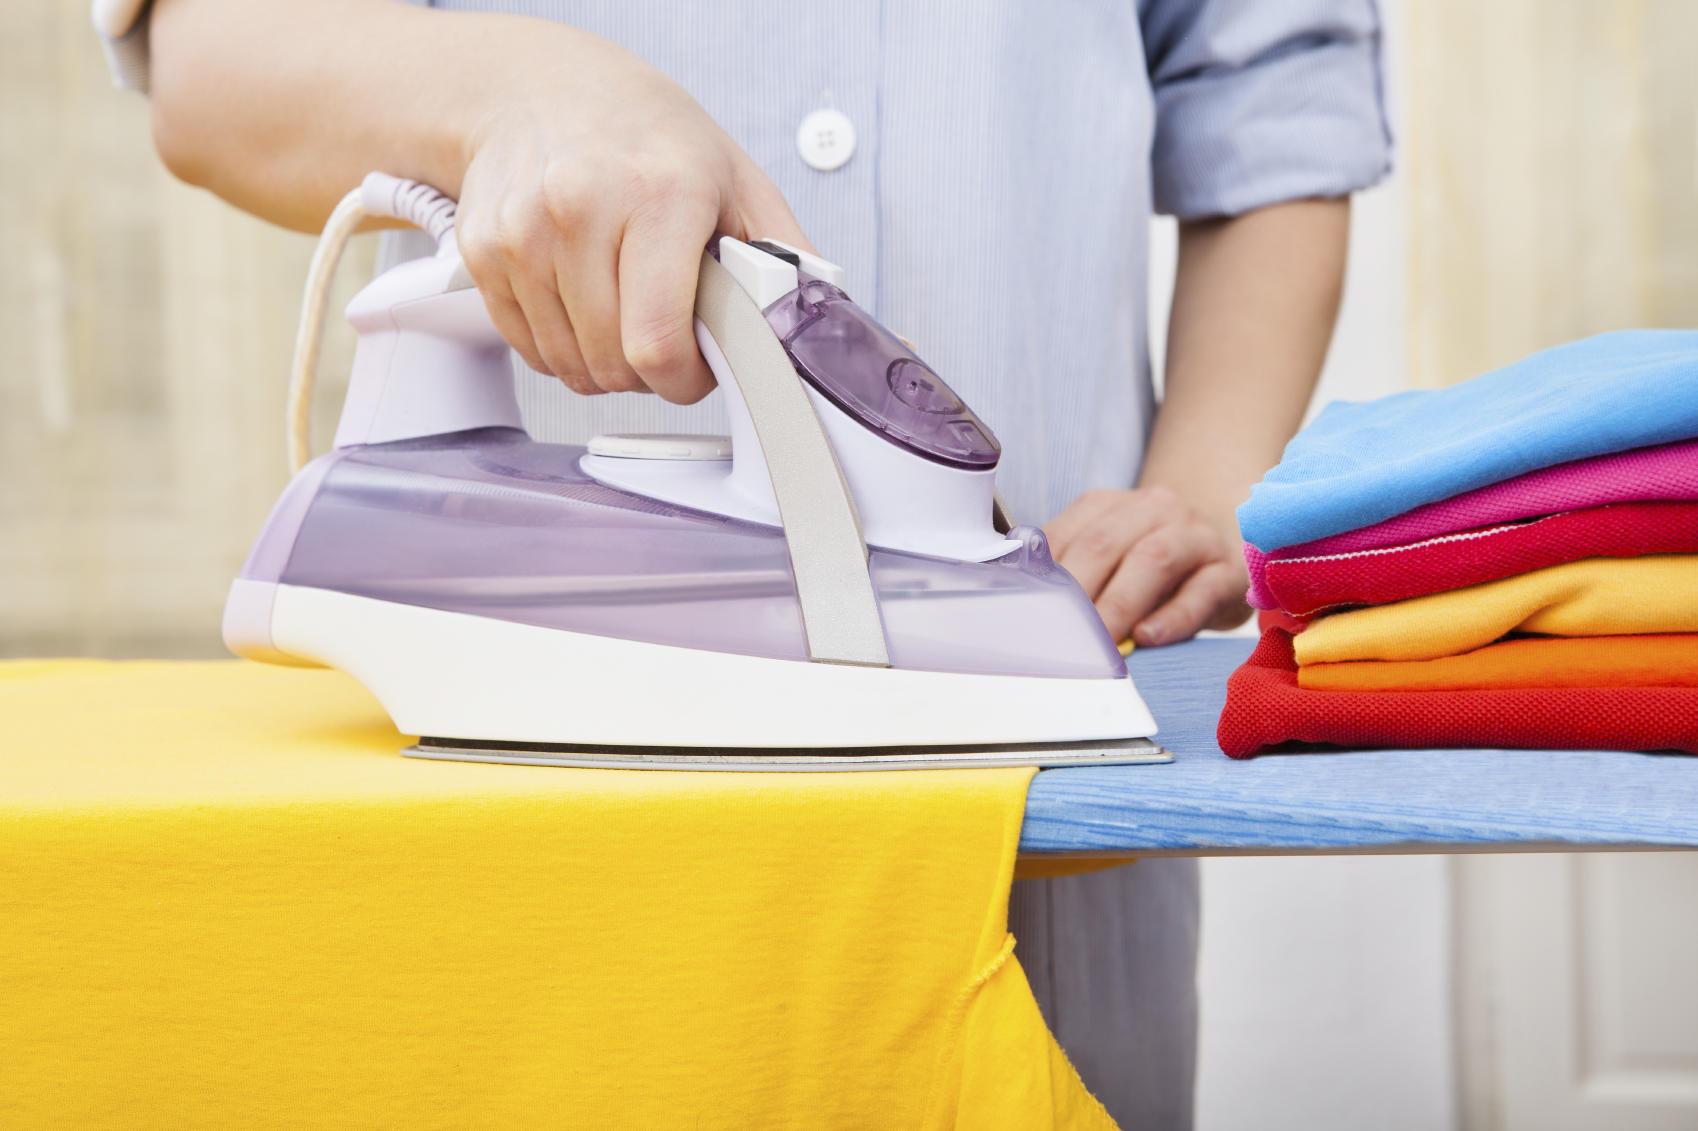 como planchar la ropa